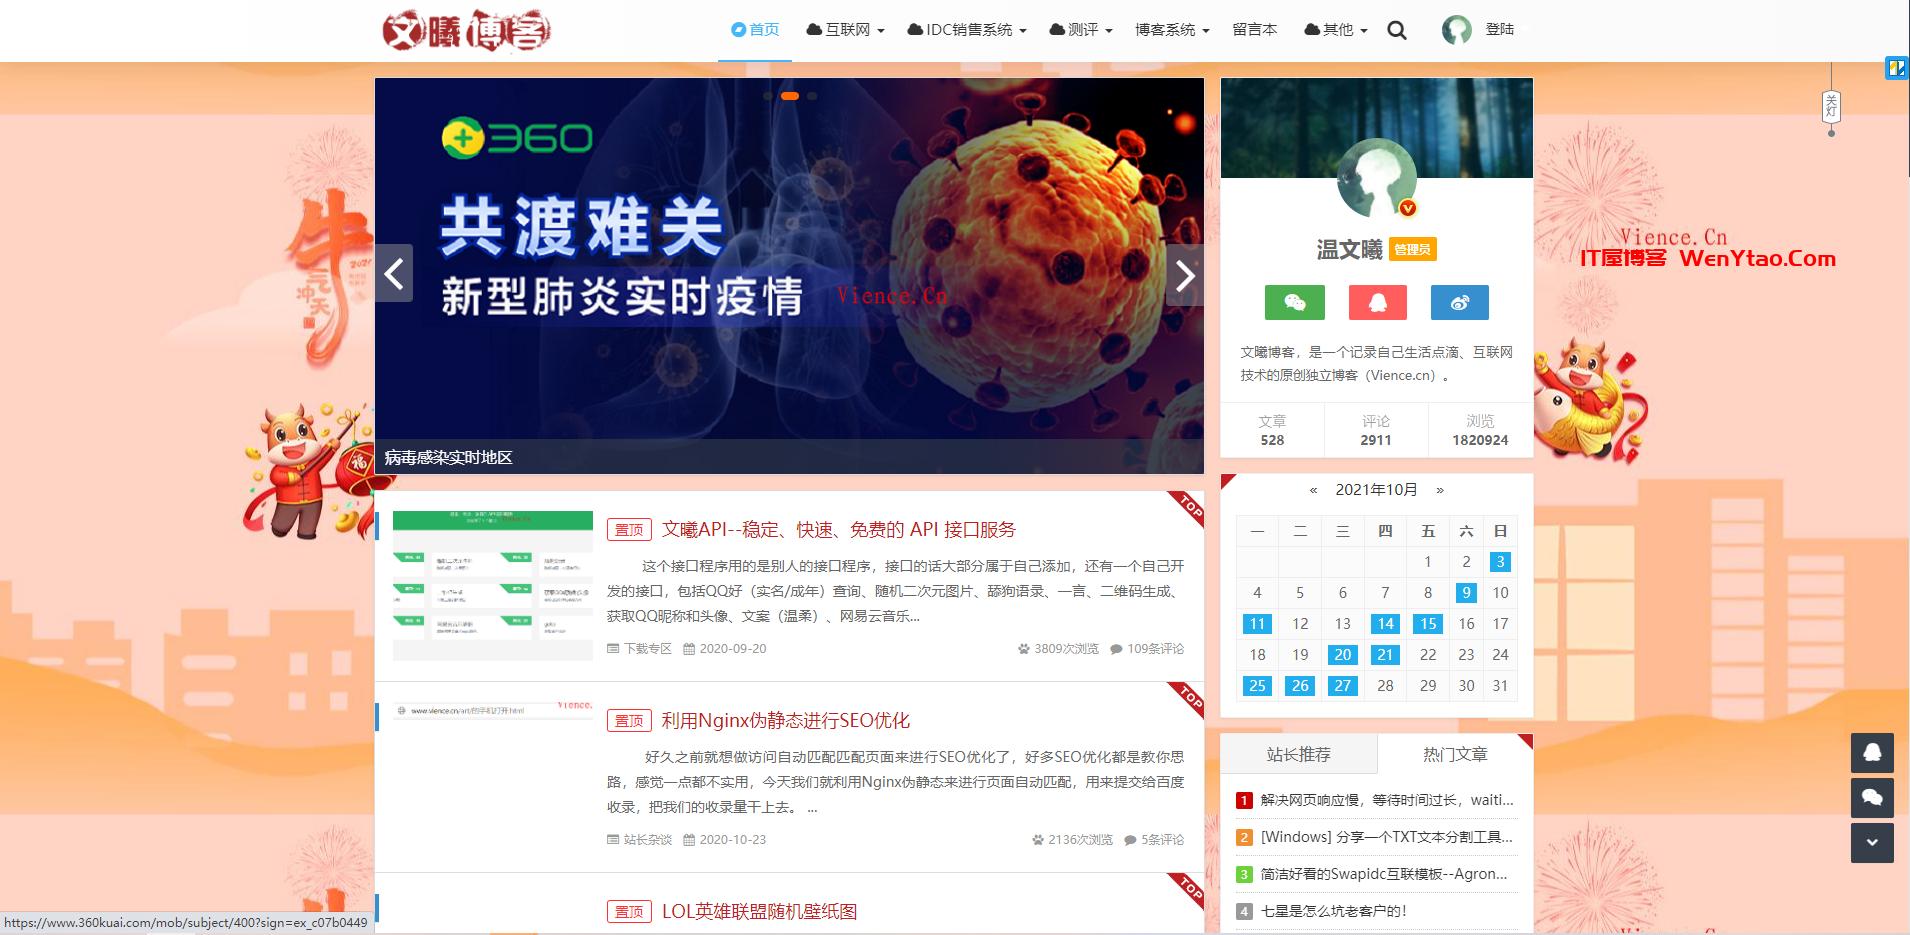 文曦博客—一个优秀的原创独立博客 vience.cn 文曦博客SEO